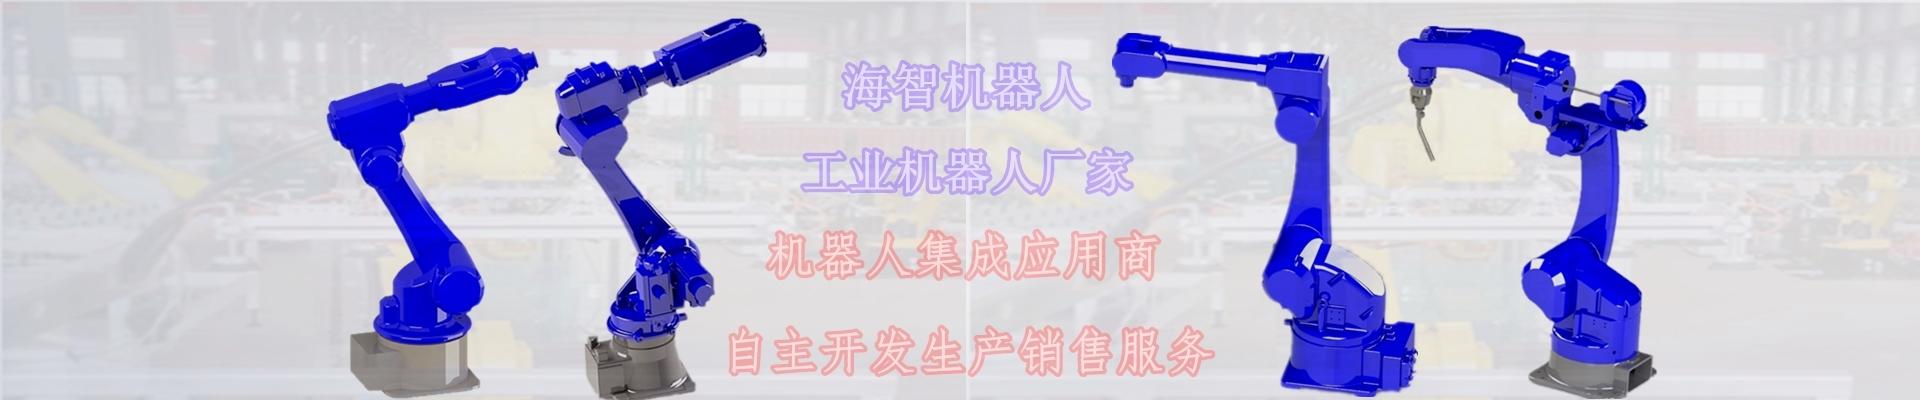 東莞市海智機(ji)器(qi)人自動化科技有限公(gong)司